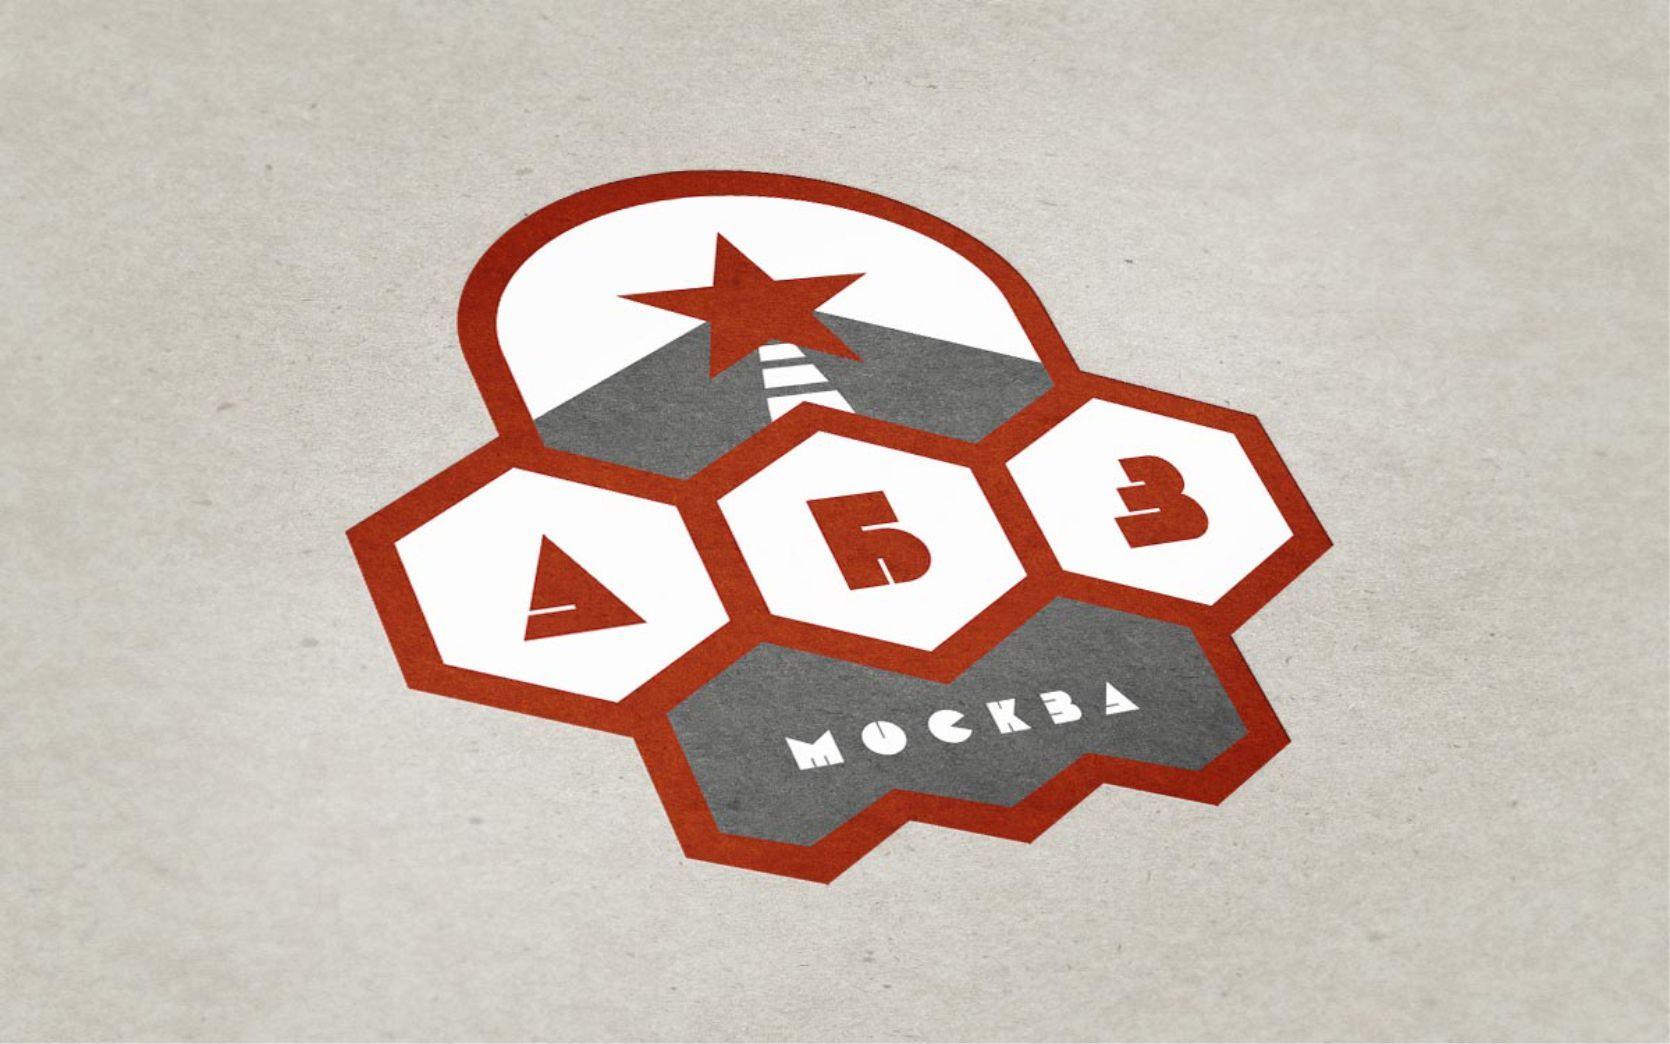 Логотип компании-производителя асфальта - дизайнер Avi_Willow